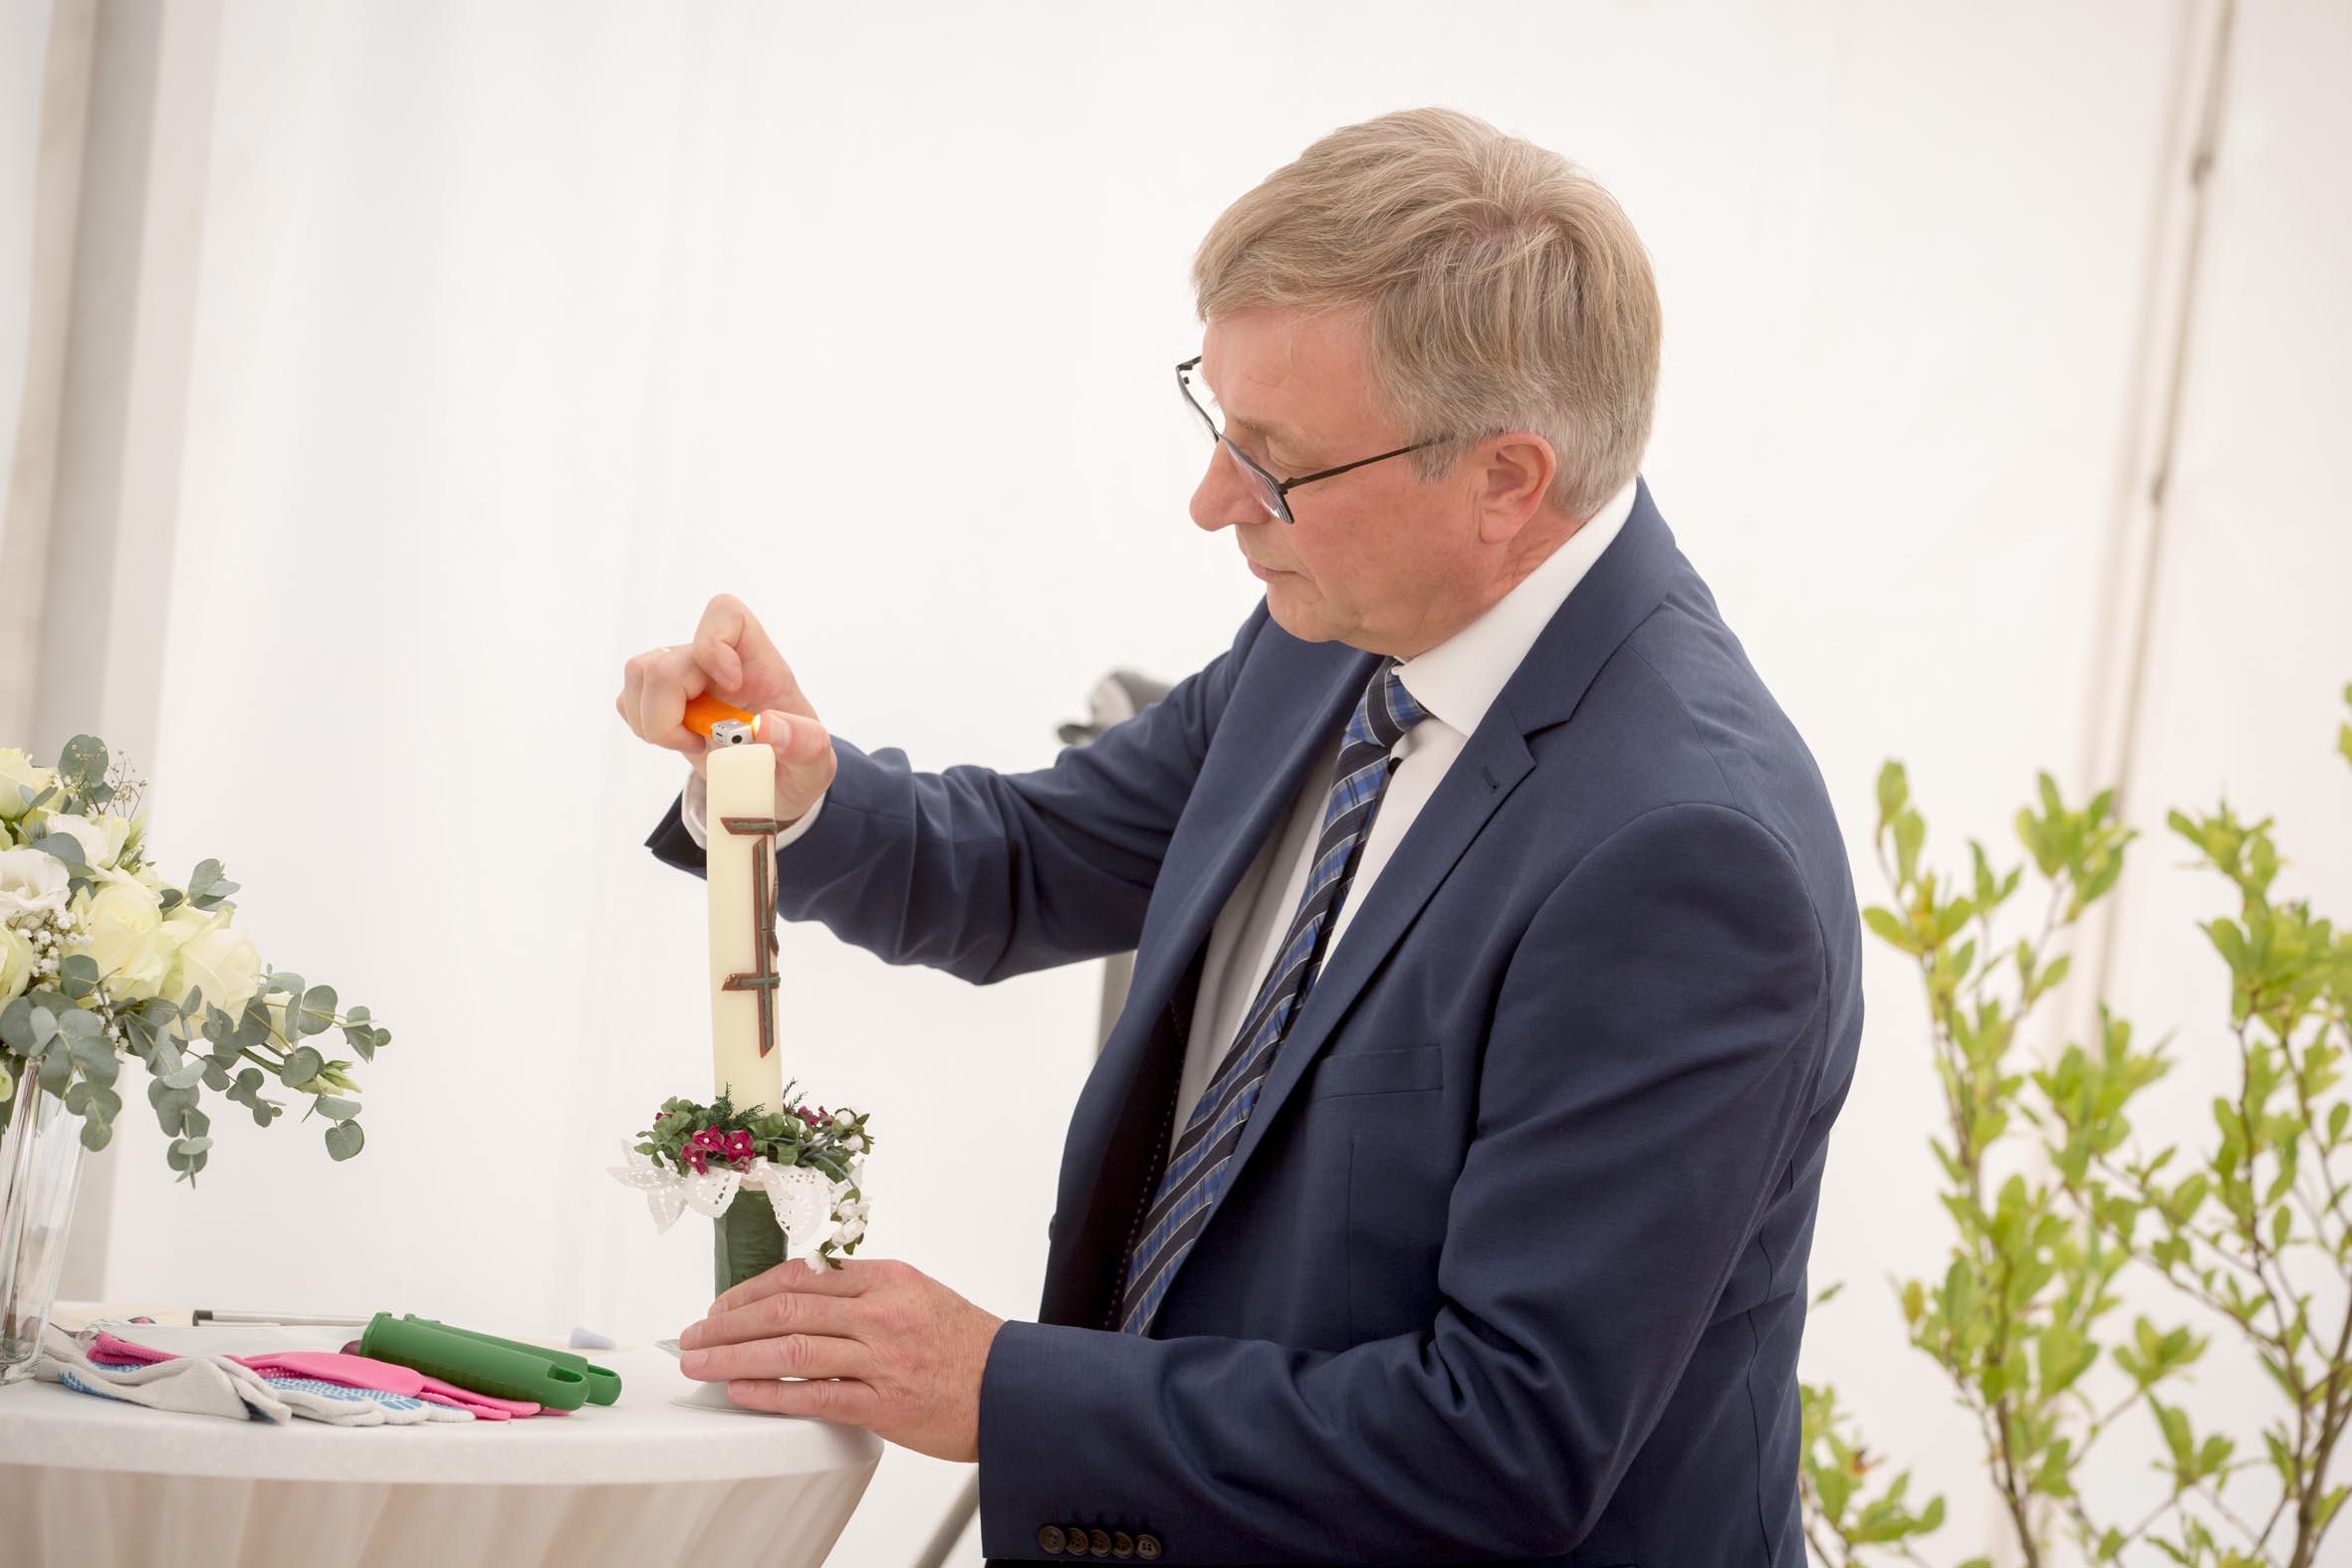 Hochzeitsrednerin Doreen Werding - Herzensmensch Brautpapa